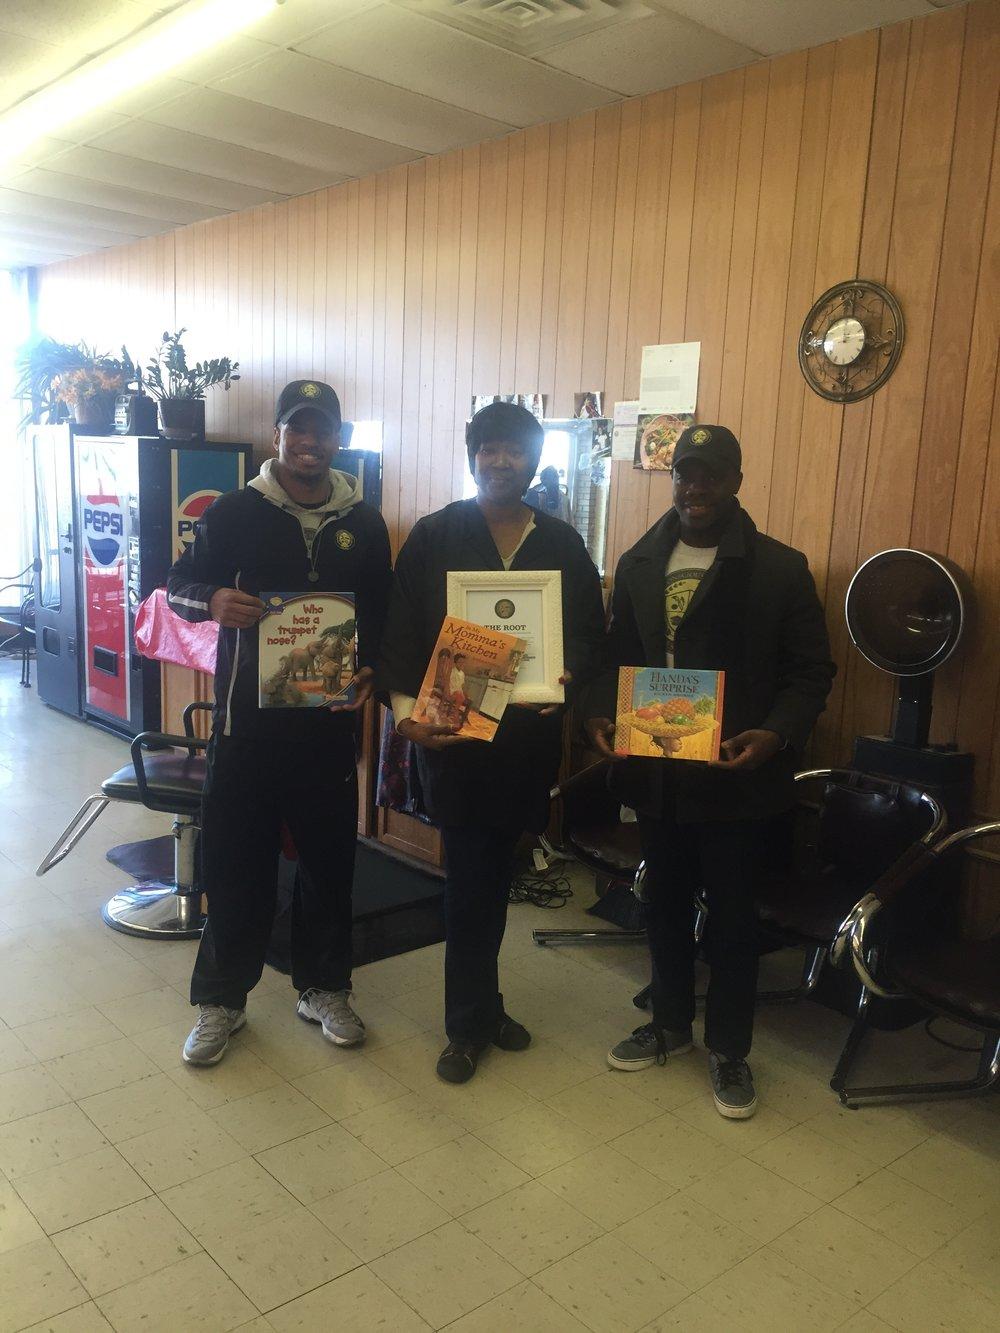 #31 It's Tyme Beauty Salon 3972 Salem Ave, Dayton, OH 45406 March 2017